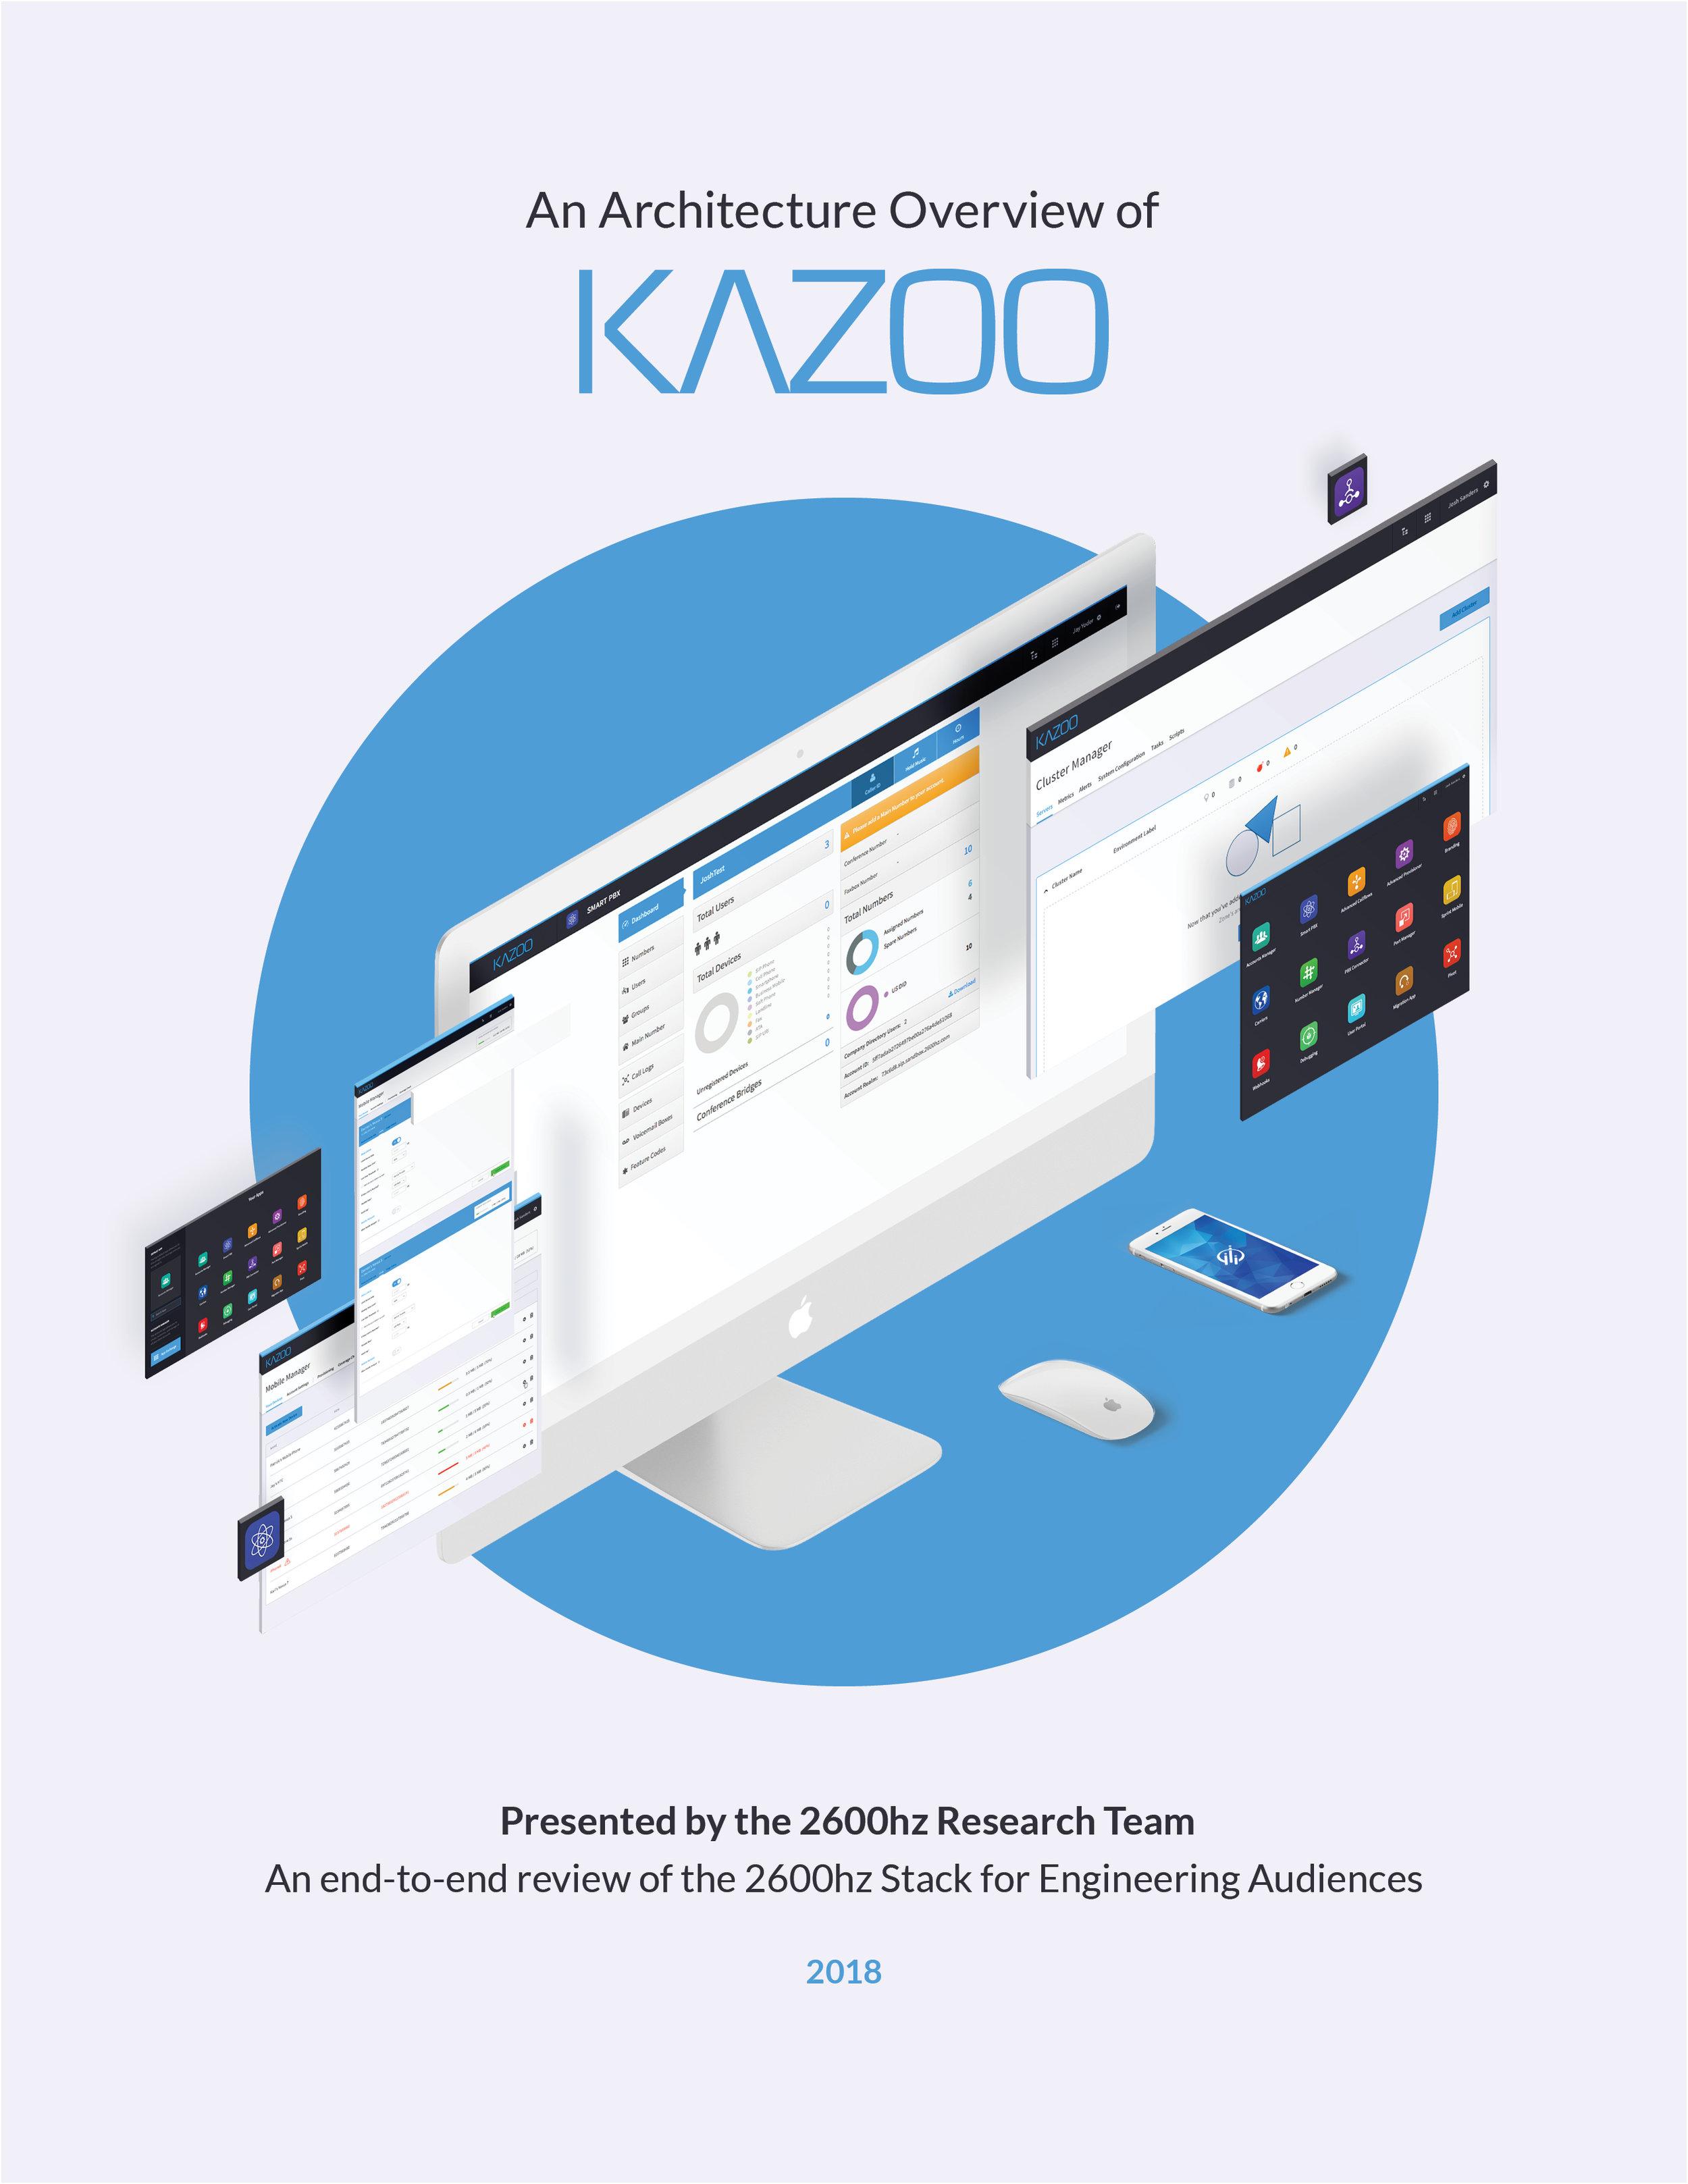 2600hz-Doc-KAZOO.jpg